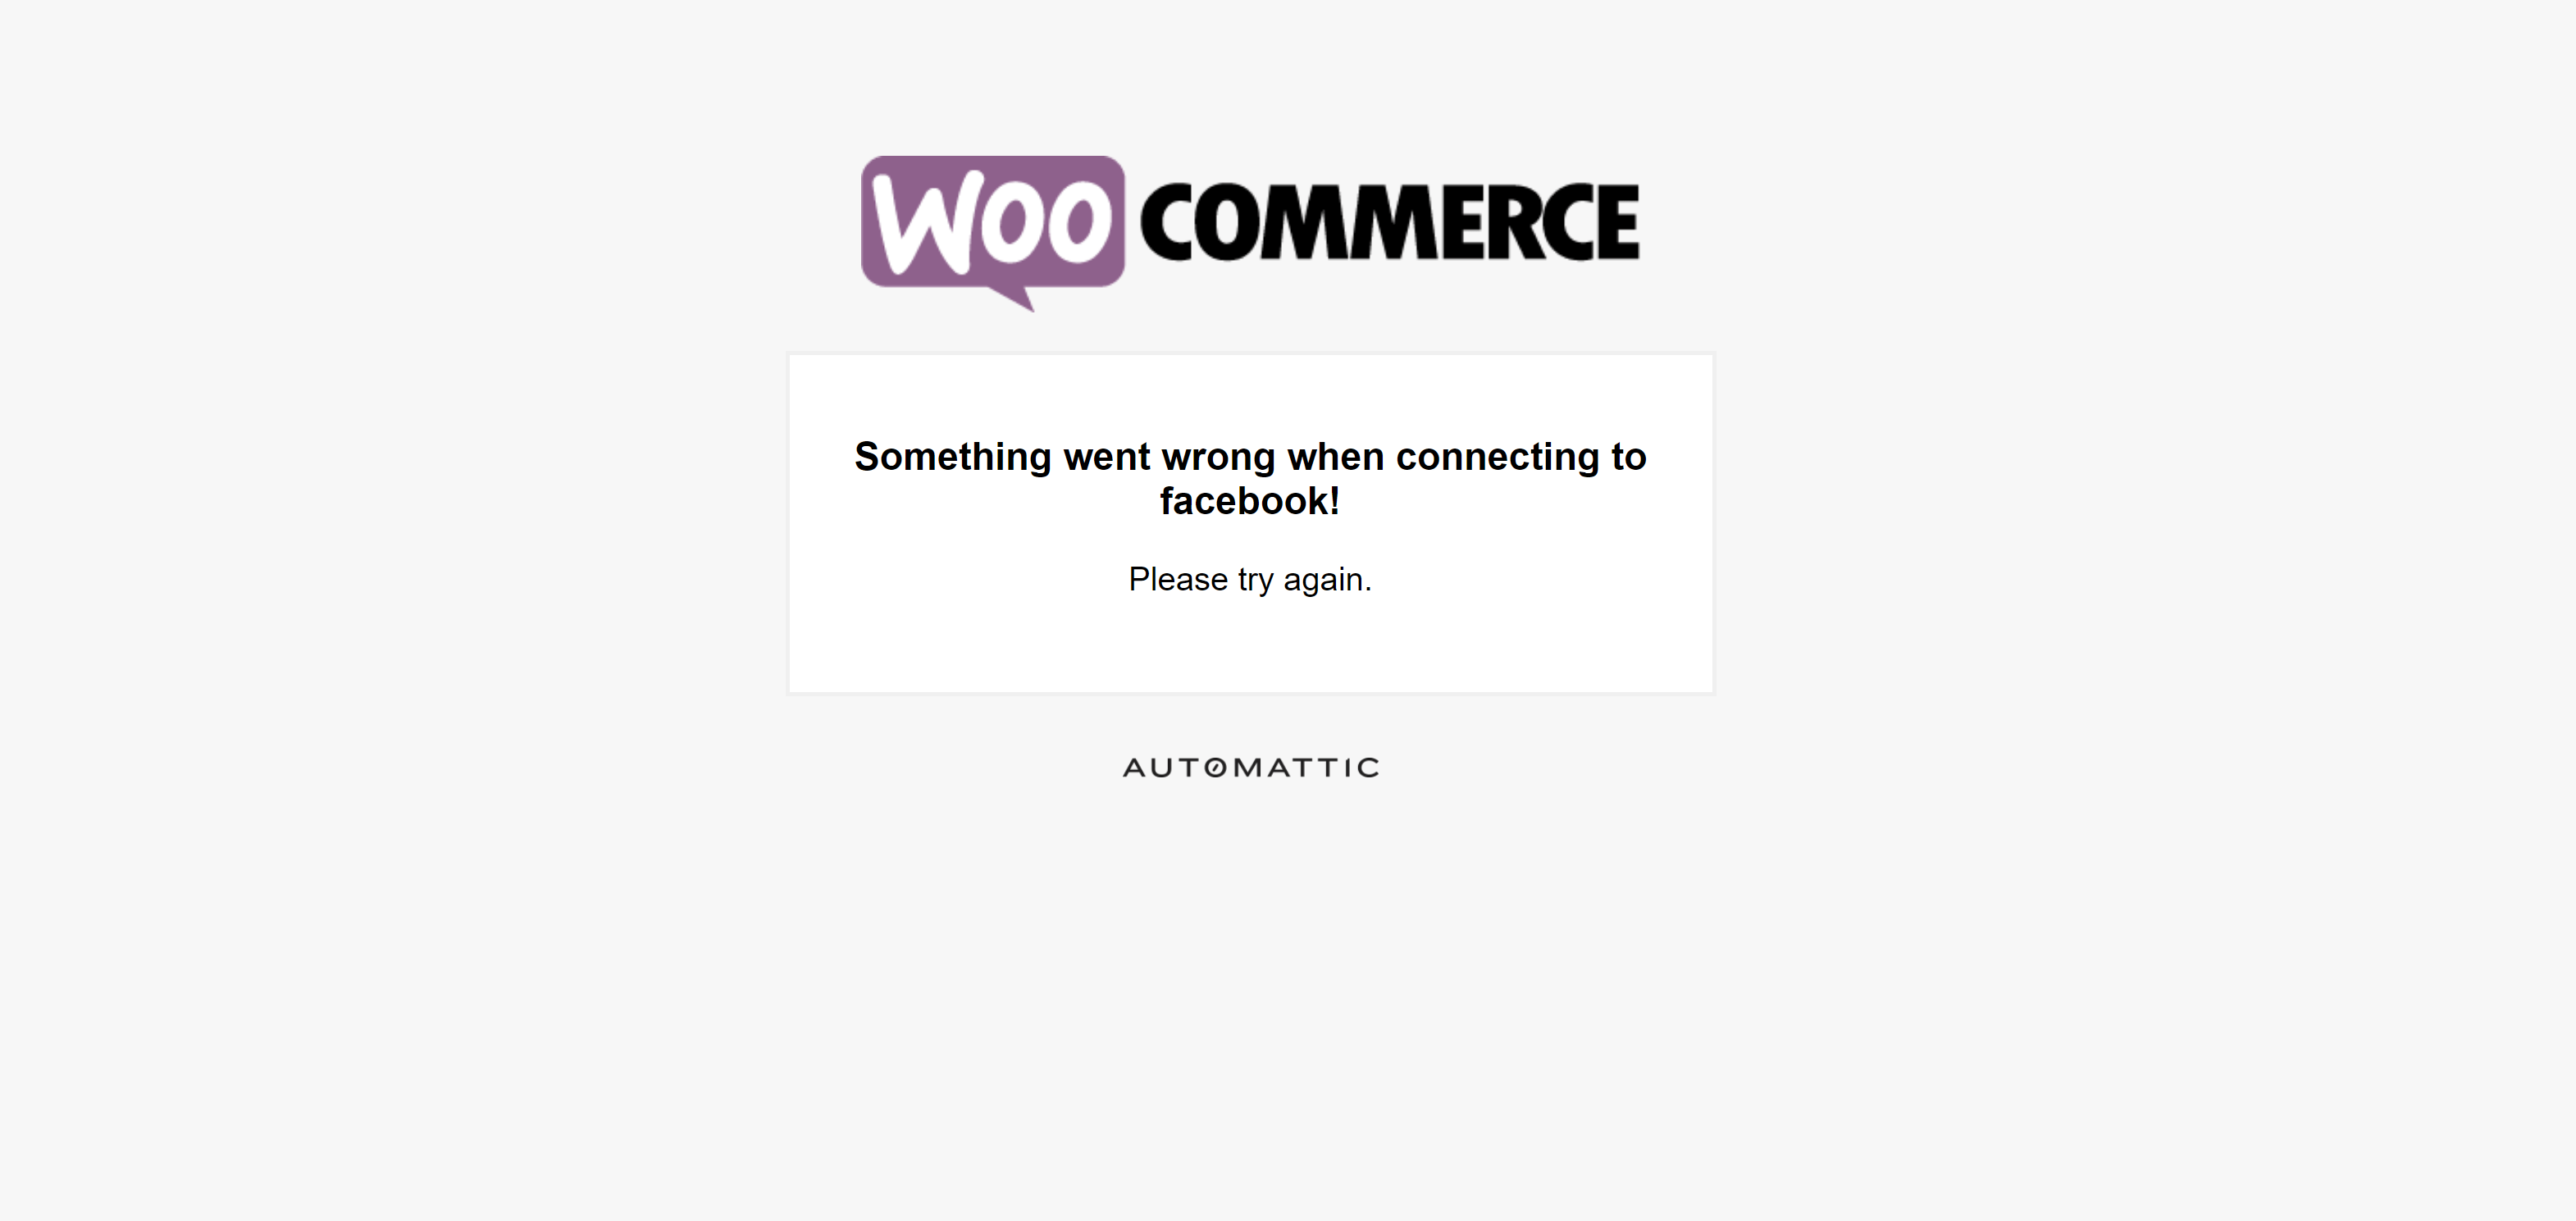 Что-то пошло не так при подключении к Фейсбуку! Ошибка интеграции WooCommerce + Фейсбук